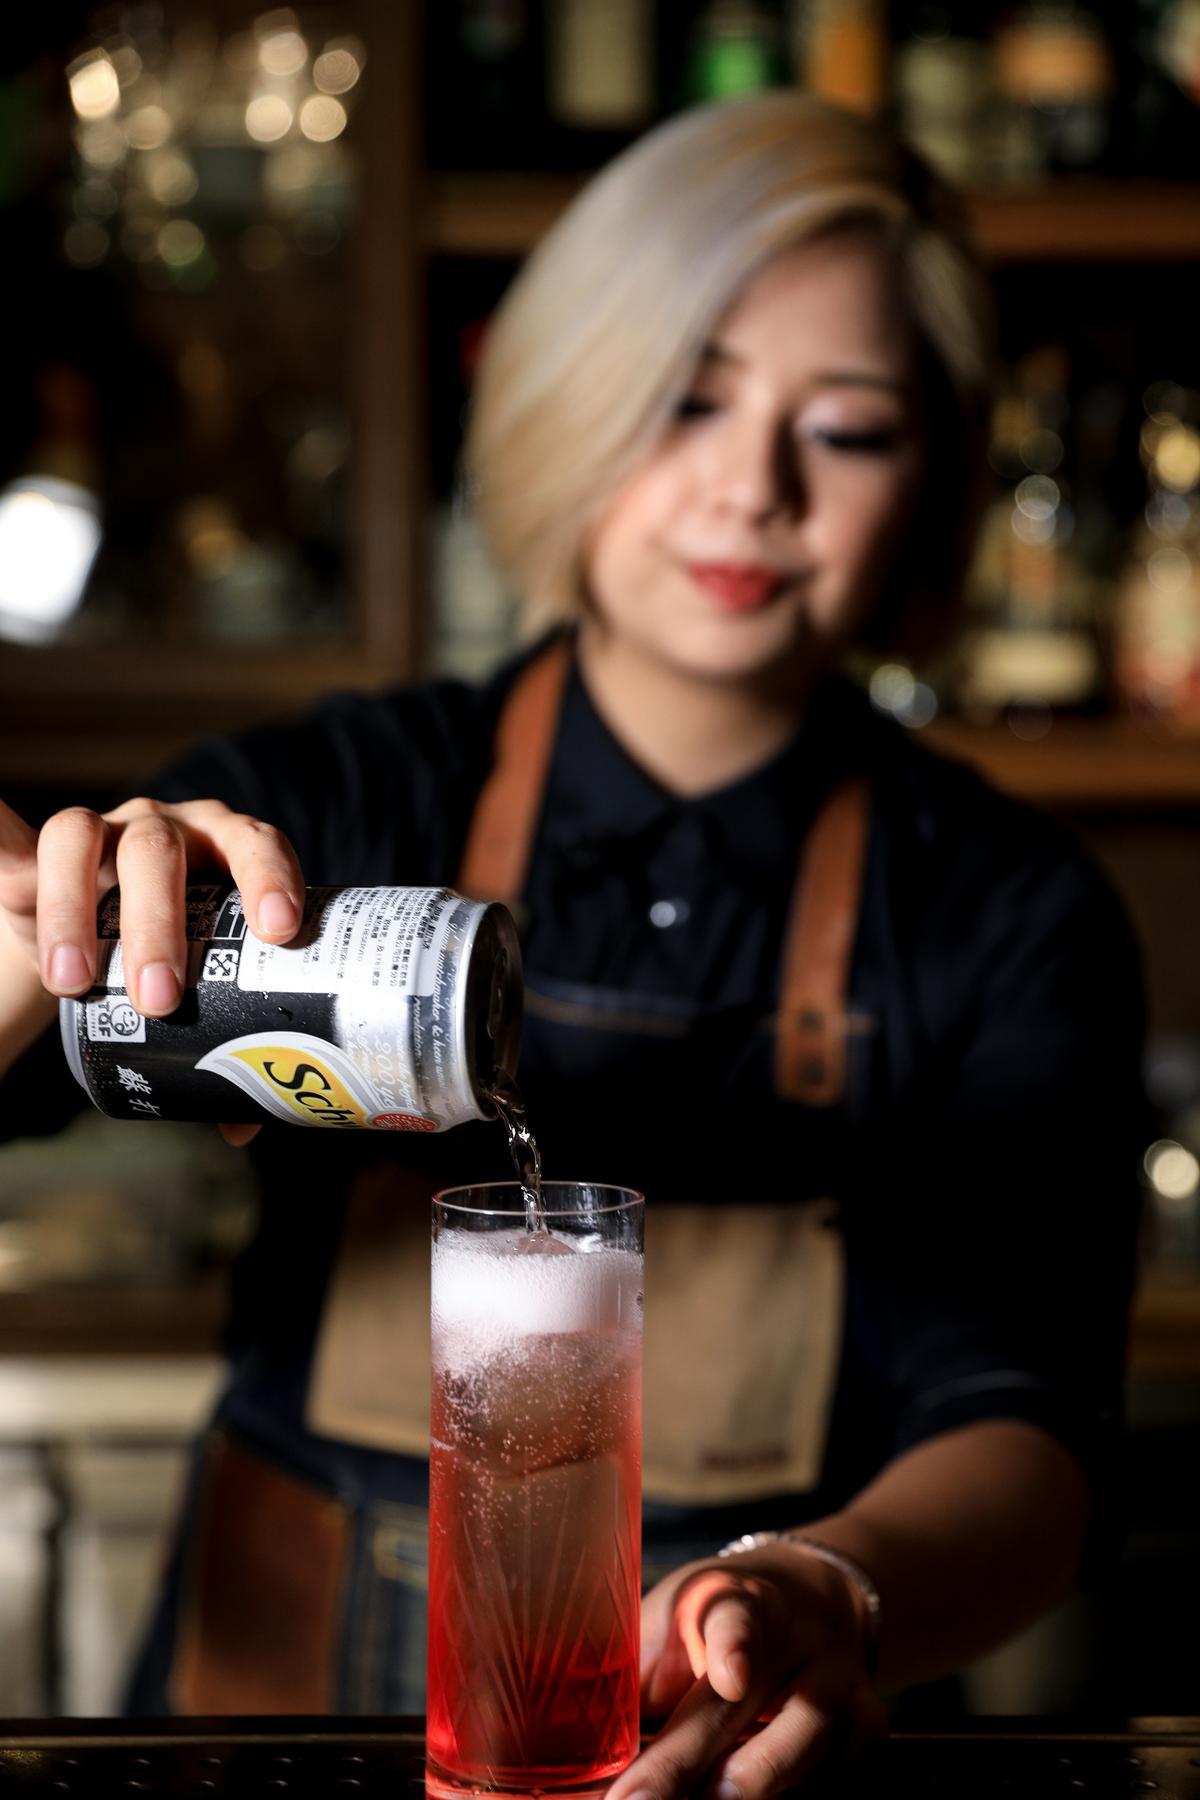 沖入氣泡水不僅可降低酒精濃度與苦味,還可拉出香氣。